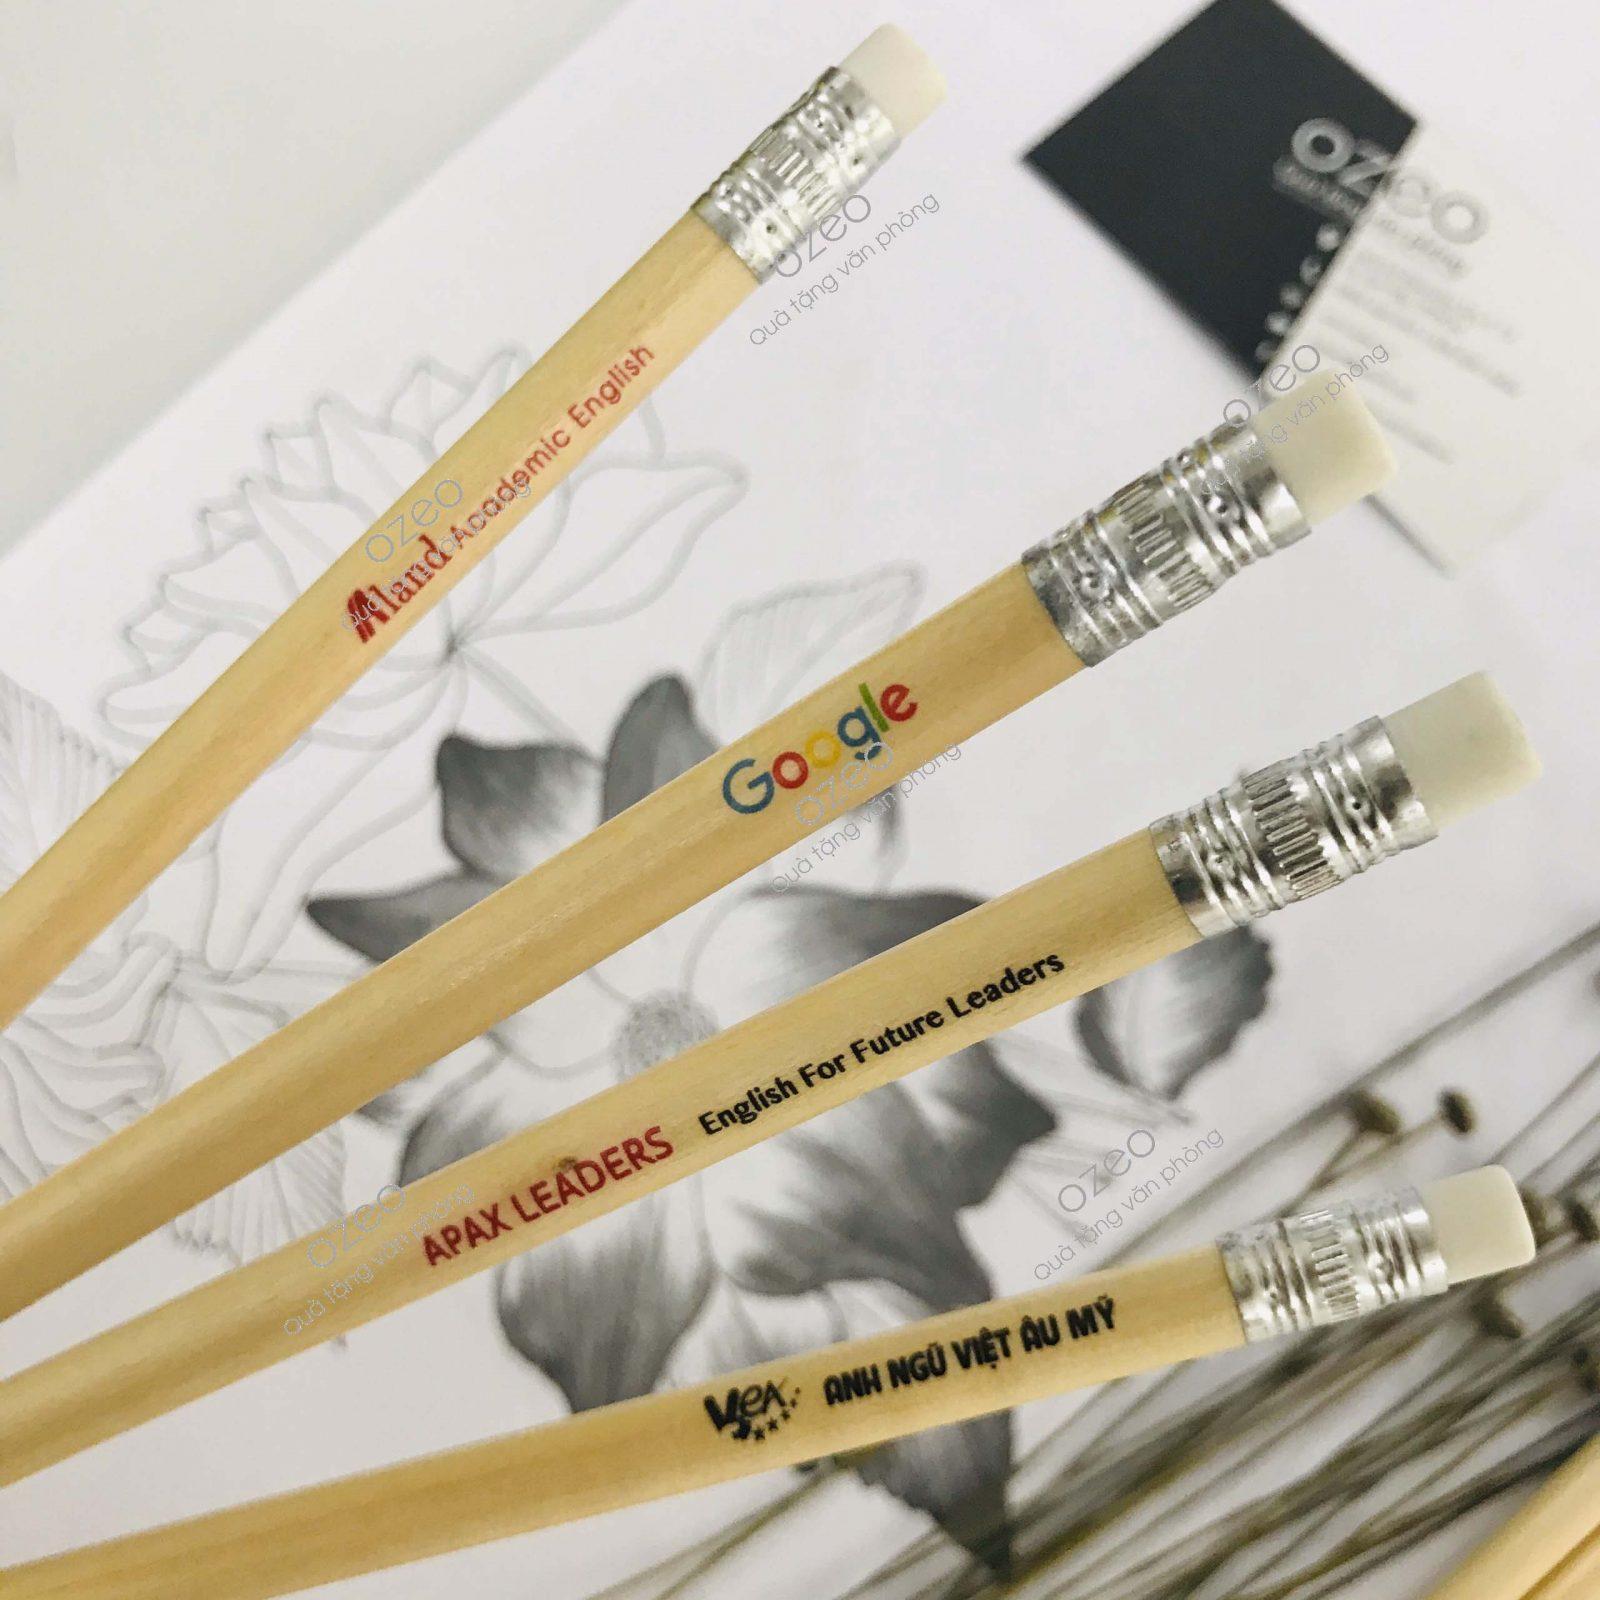 Bút chì gỗ in logo theo yêu cầu chất lượng giá rẻ tại Tp,HCM